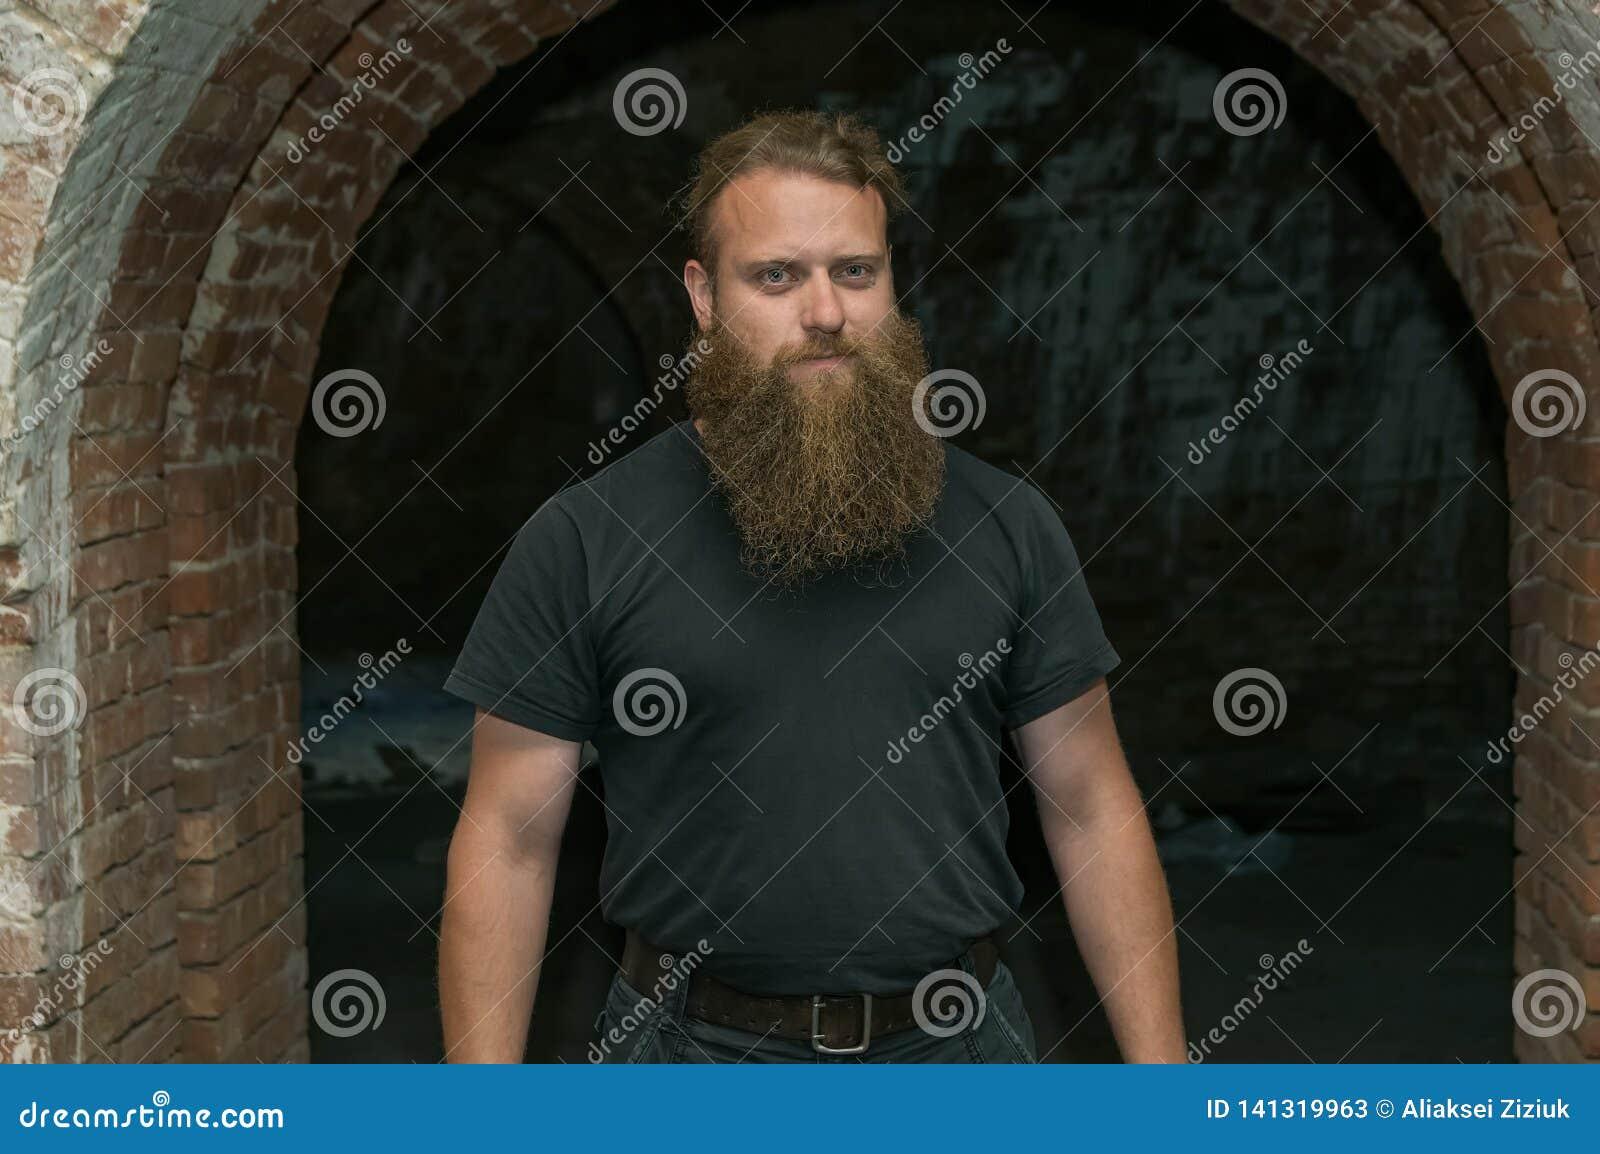 Un homme avec une barbe, contre une voûte de brique